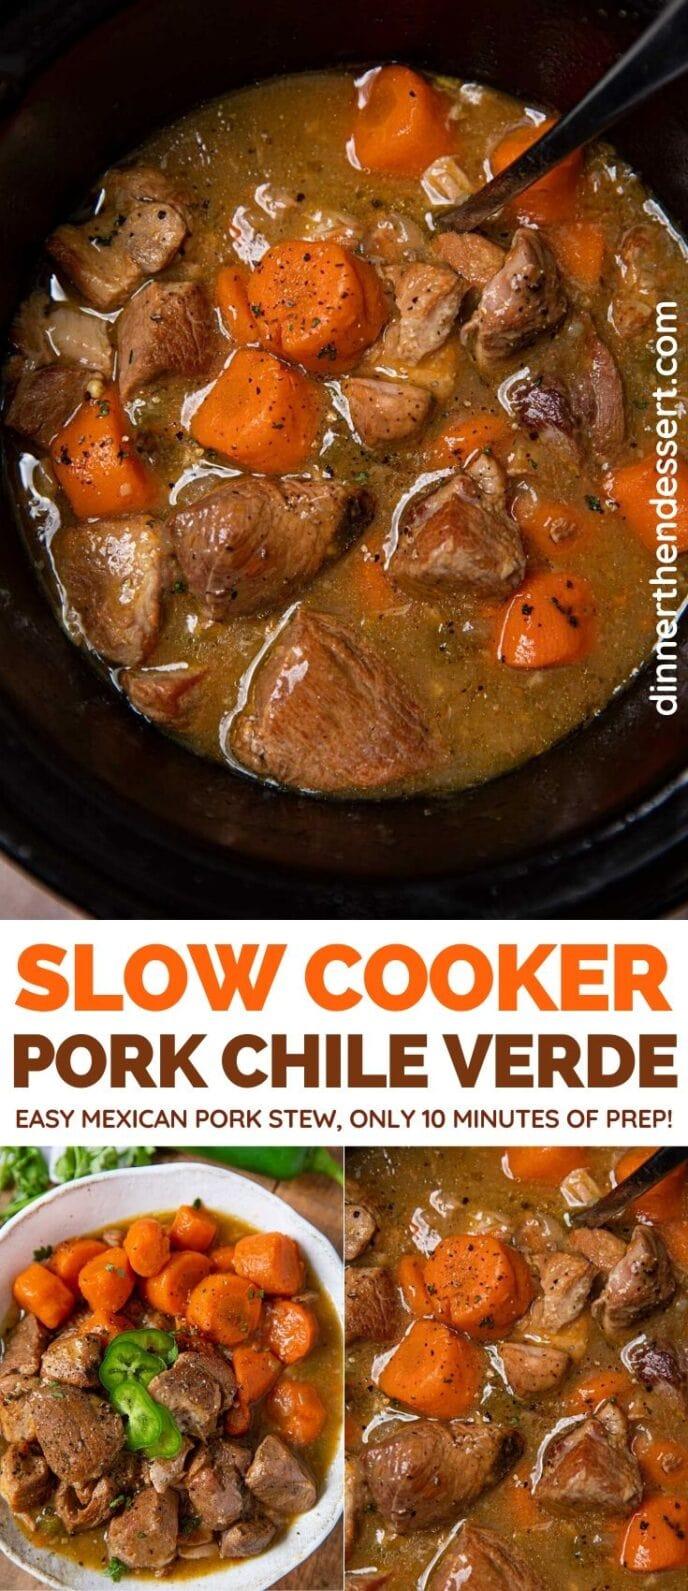 Slow Cooker Pork Chile Verde collage